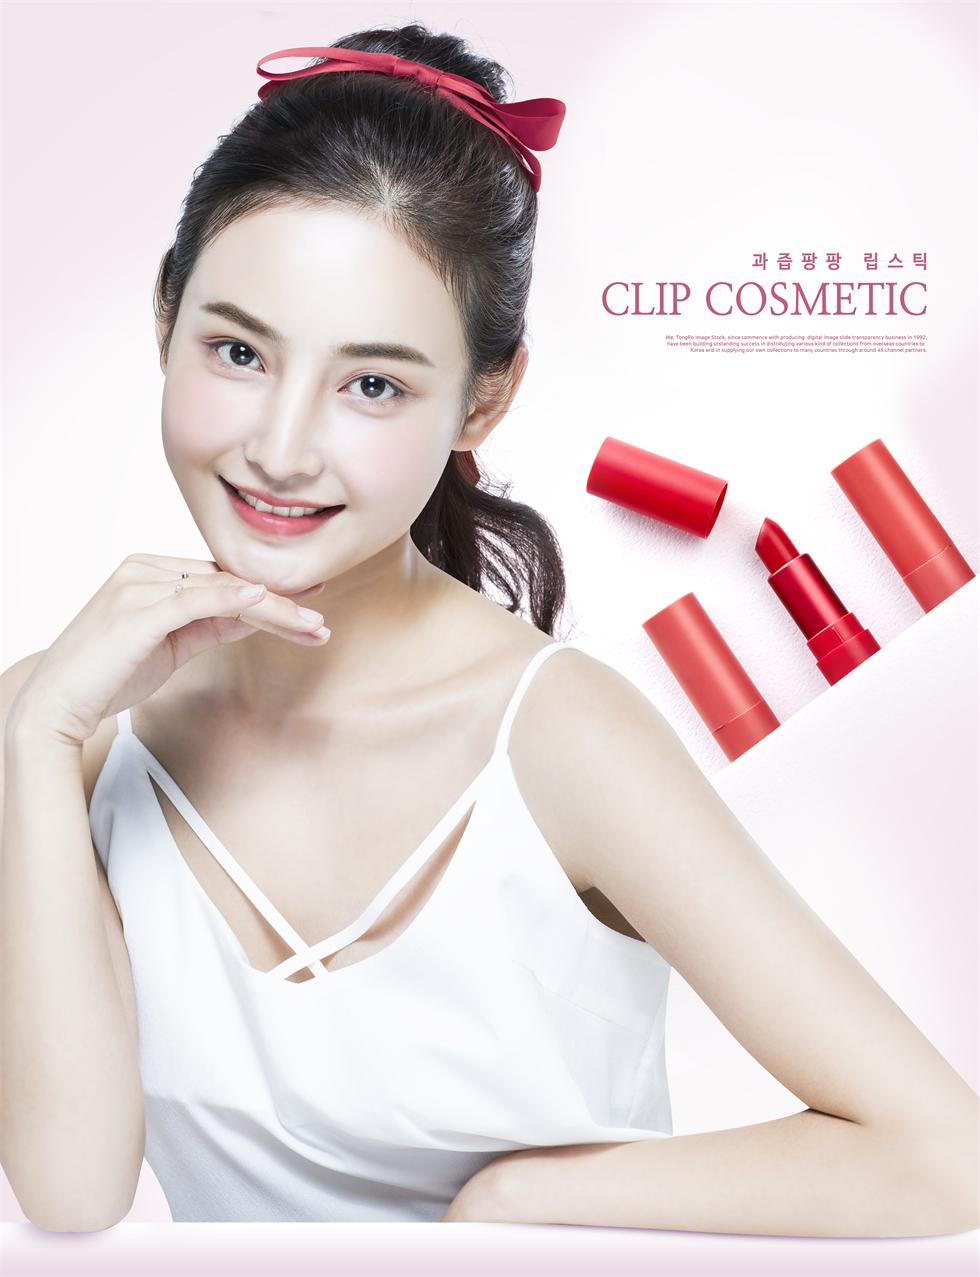 高端奢华化妆品口红彩妆唇膏海报